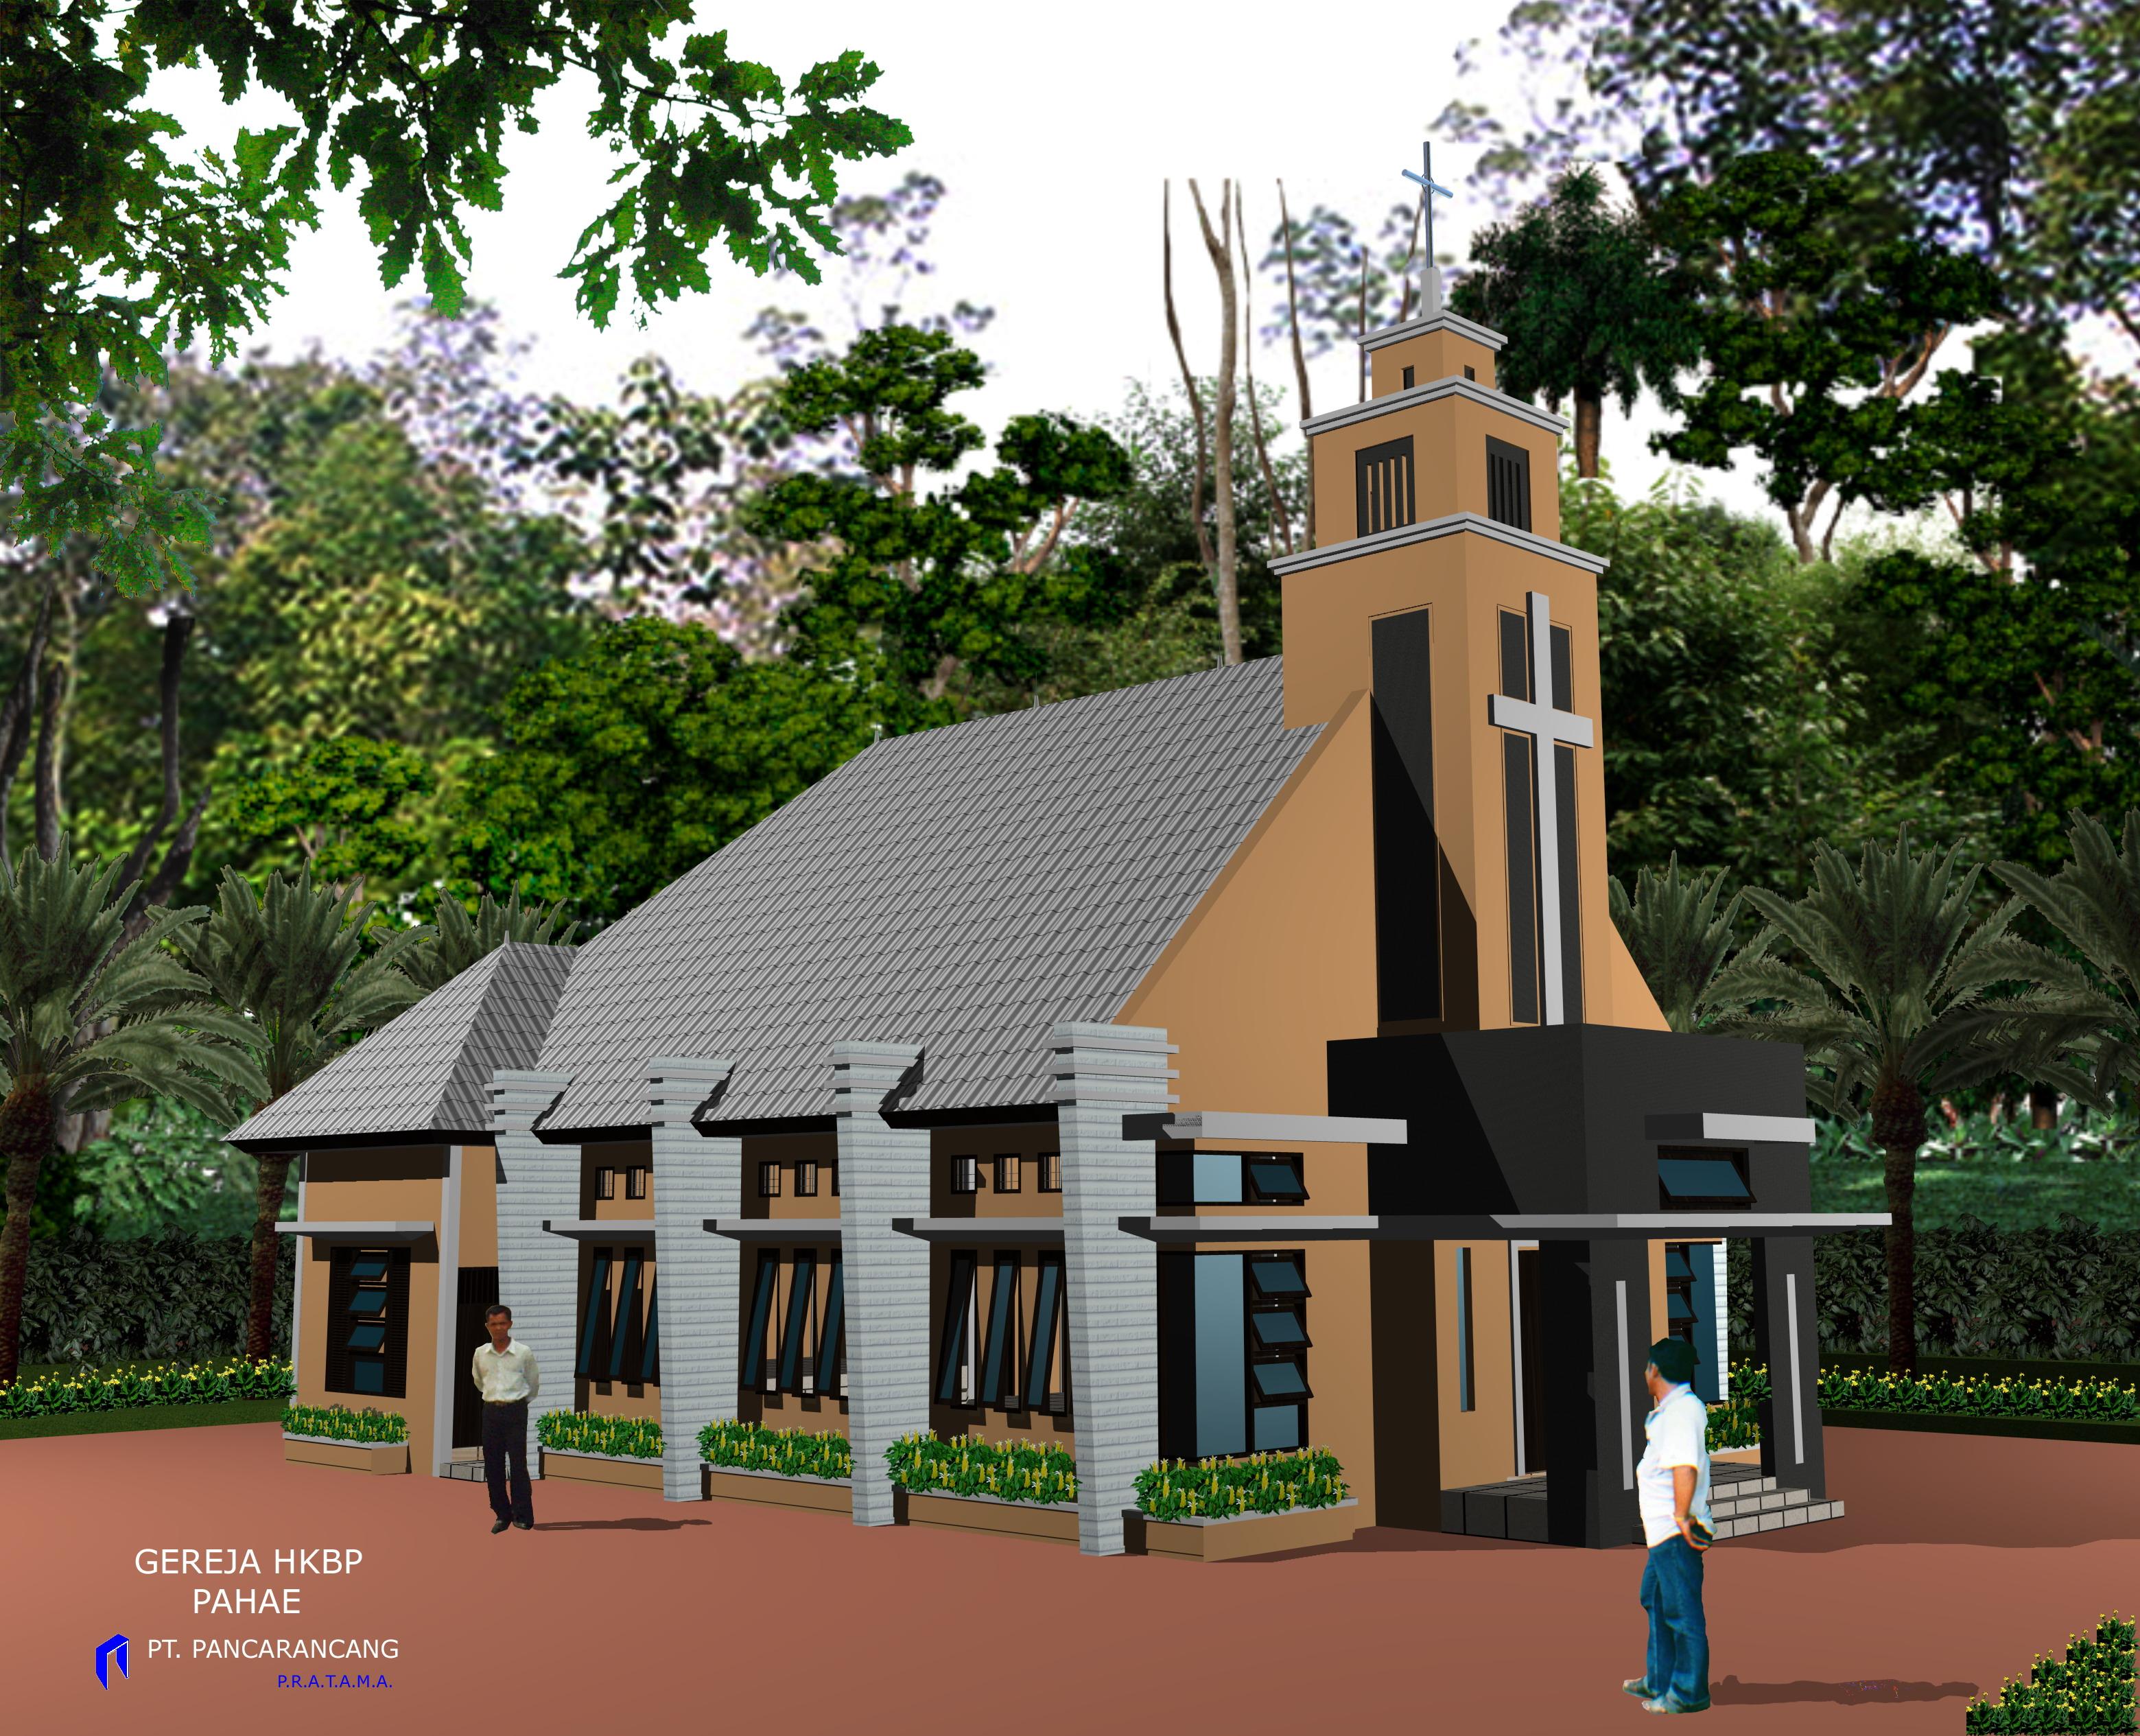 Desain Gereja Pahae   Flickr - Photo Sharing!